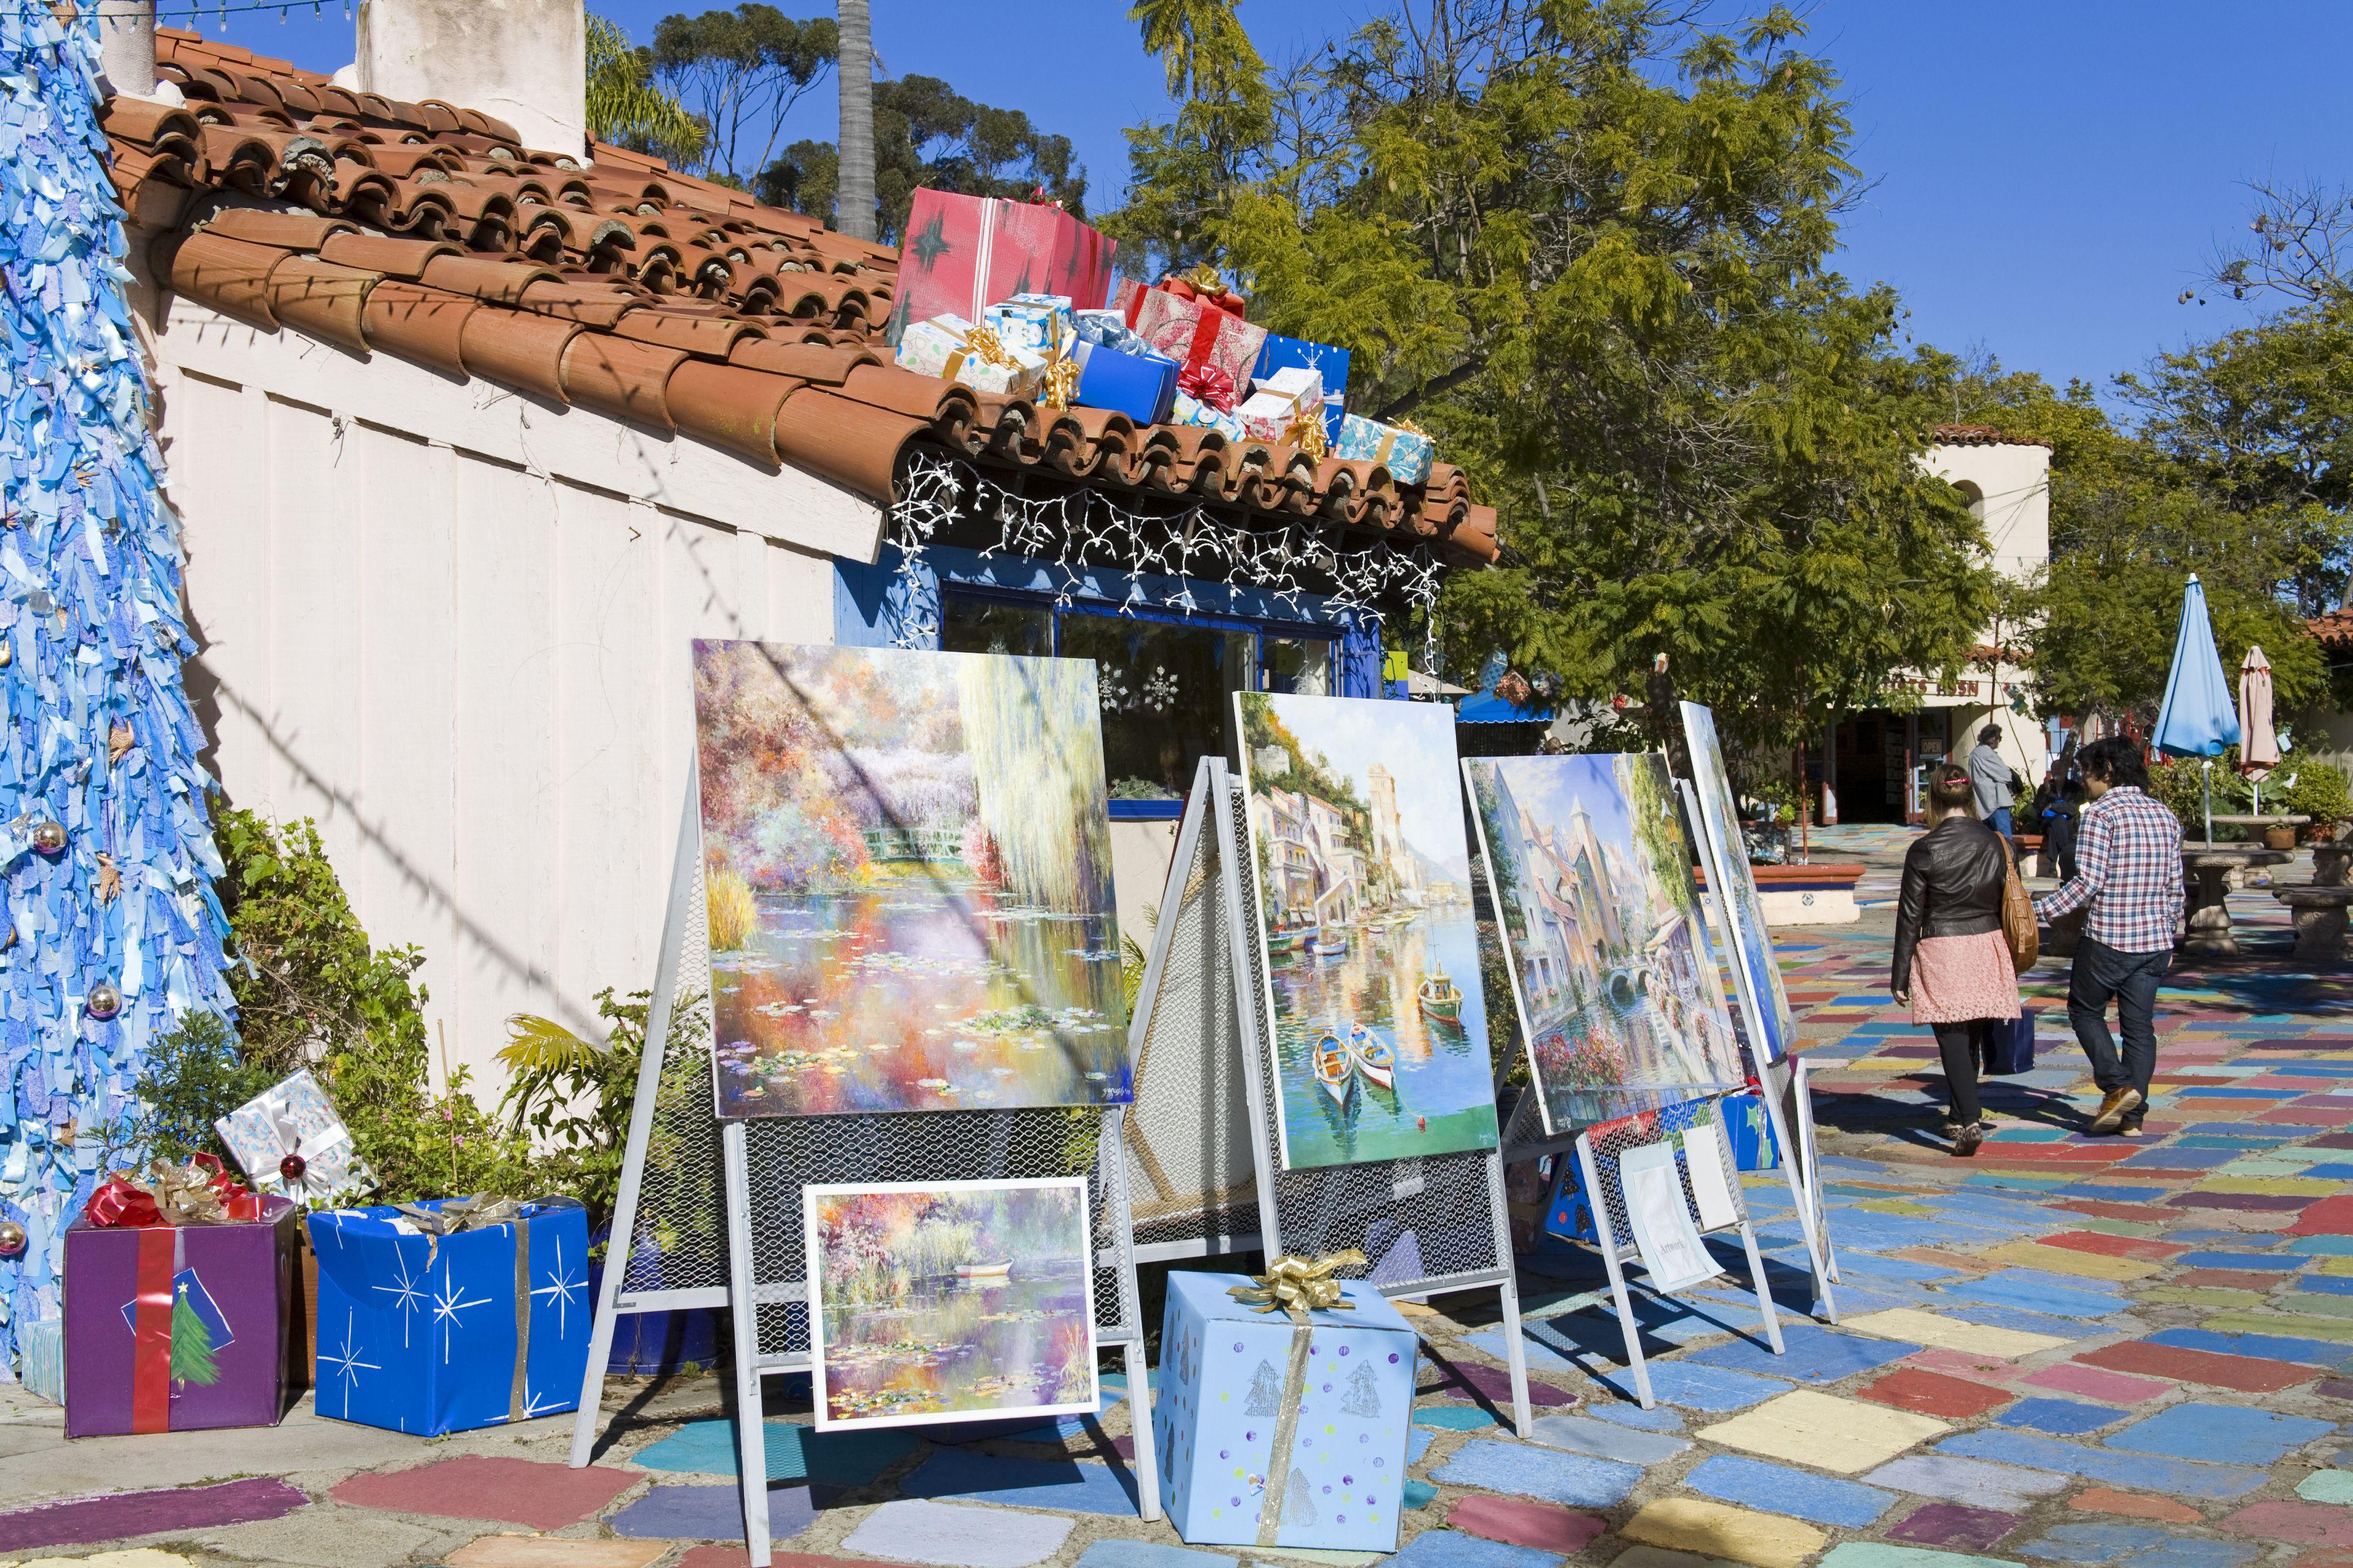 Spanish Village Art Center in Balboa Park, San Diego